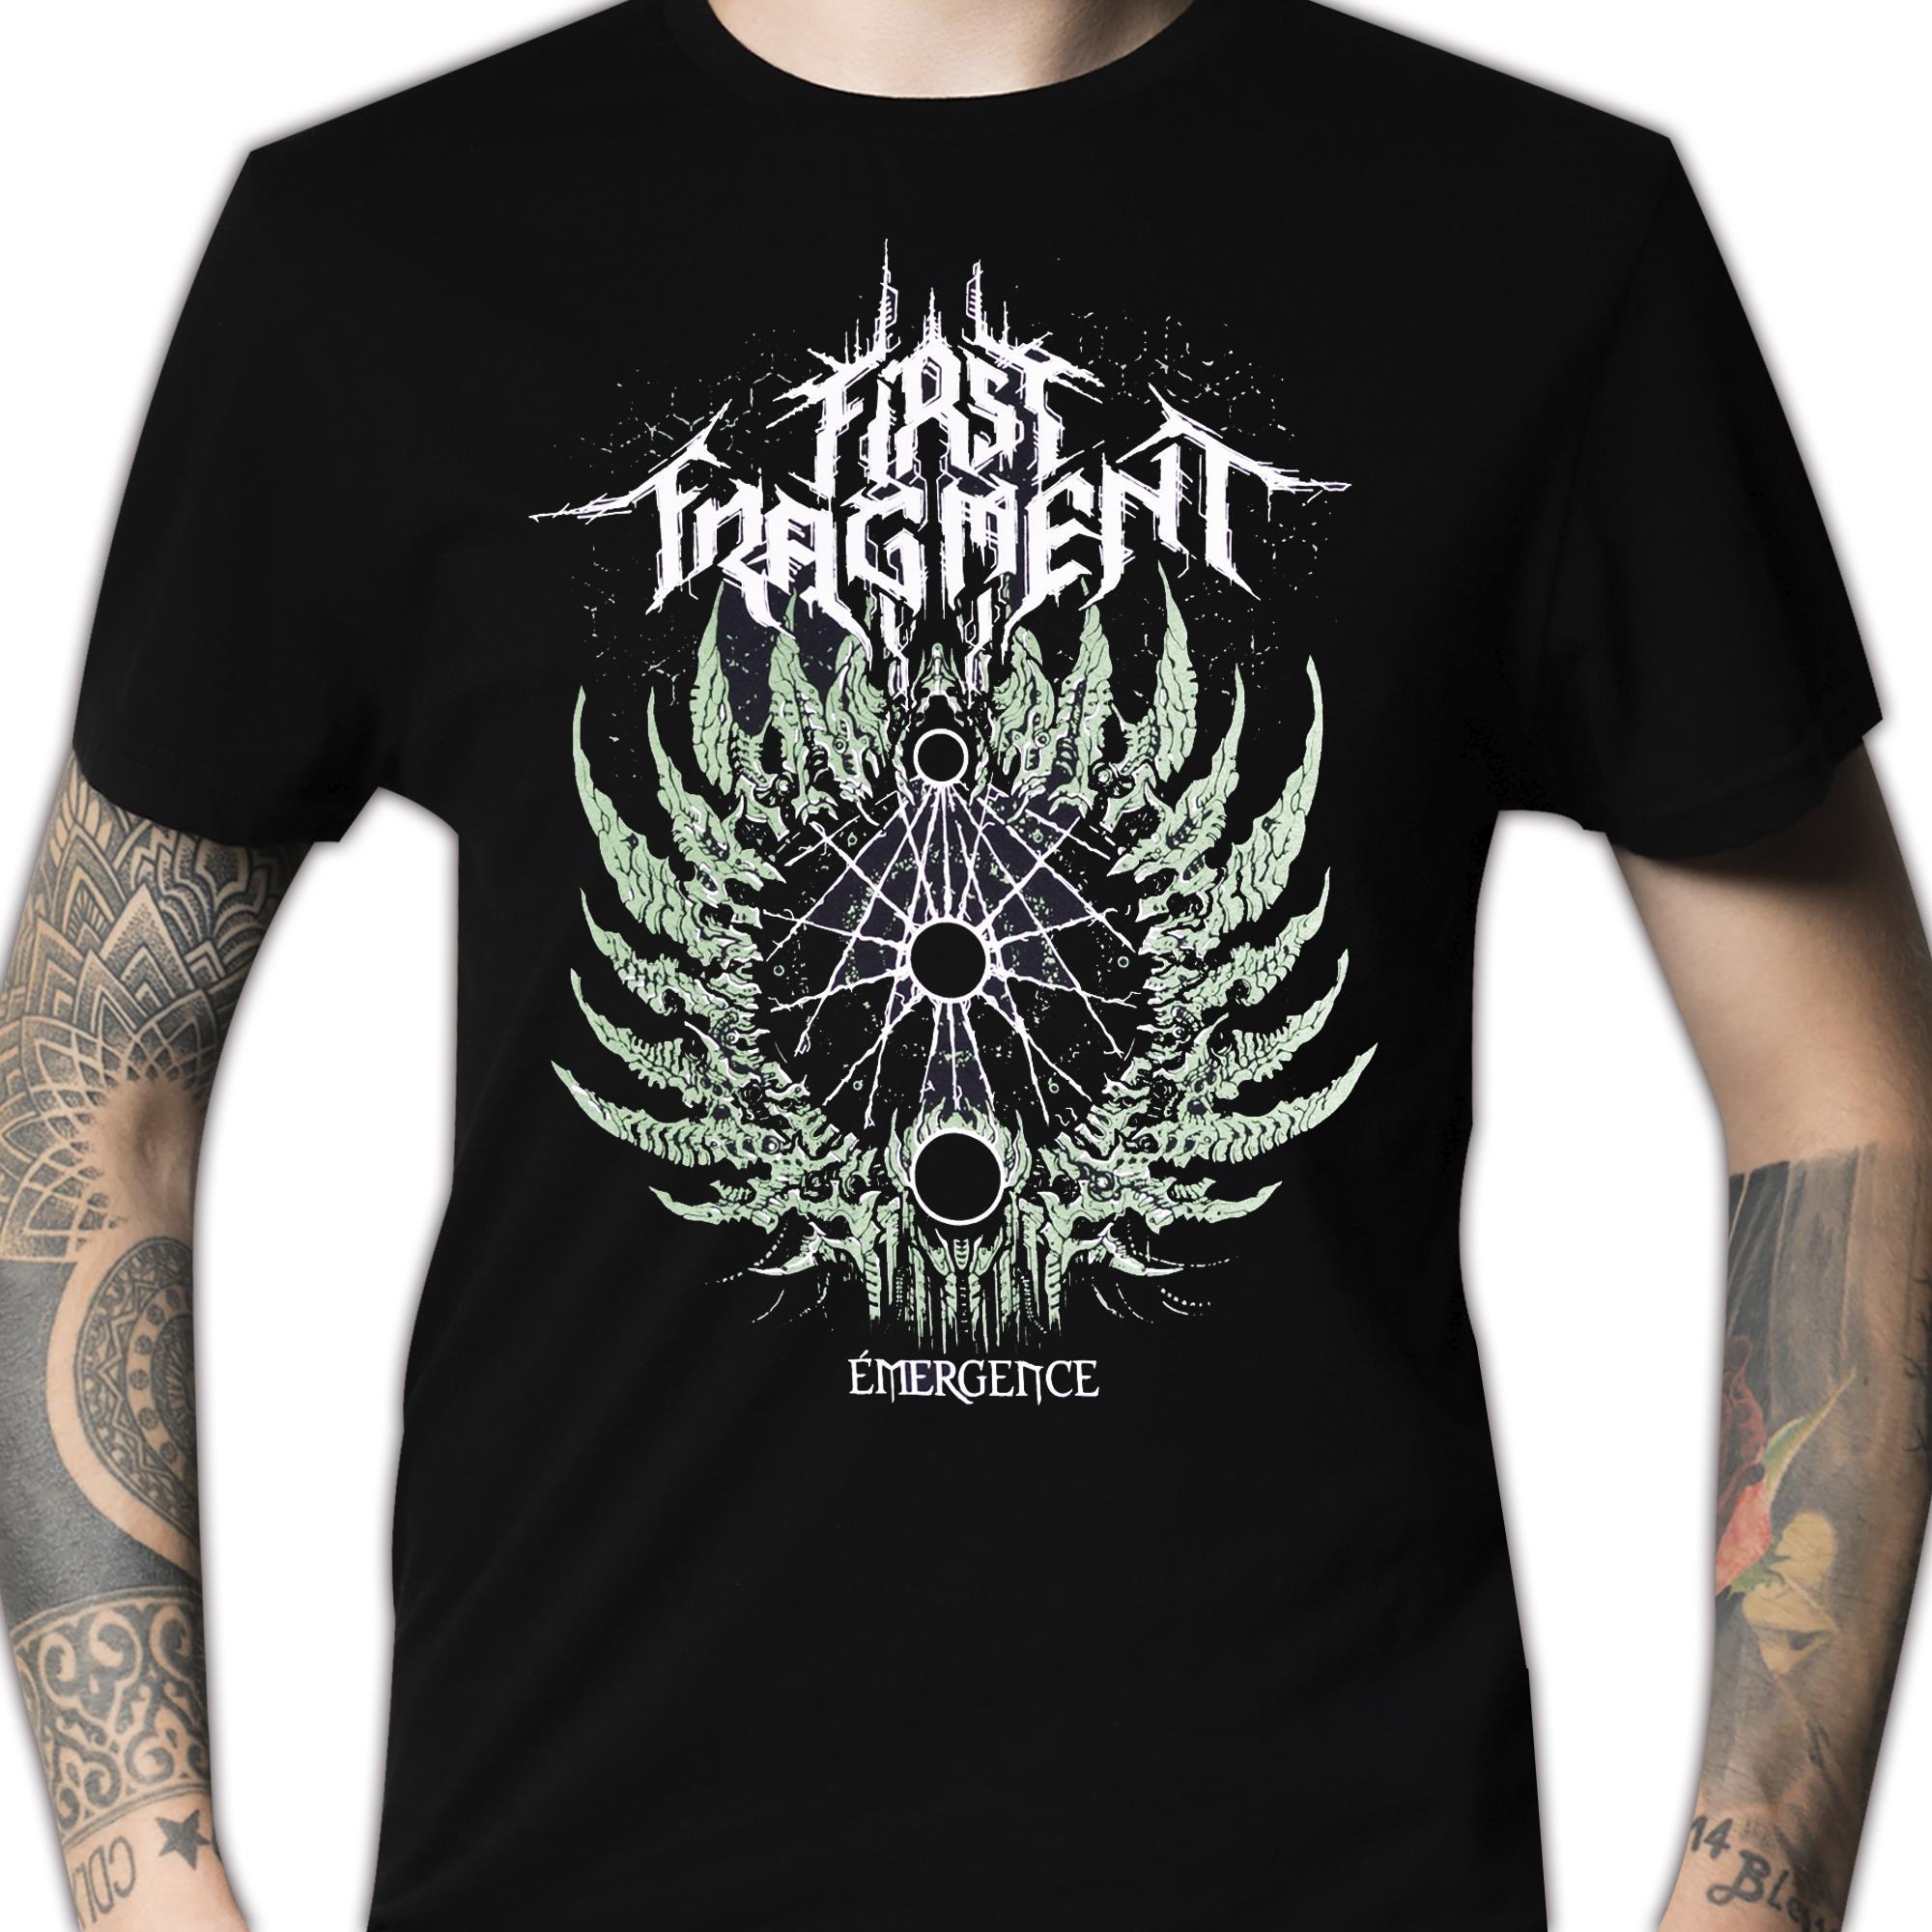 Emergence T-Shirt